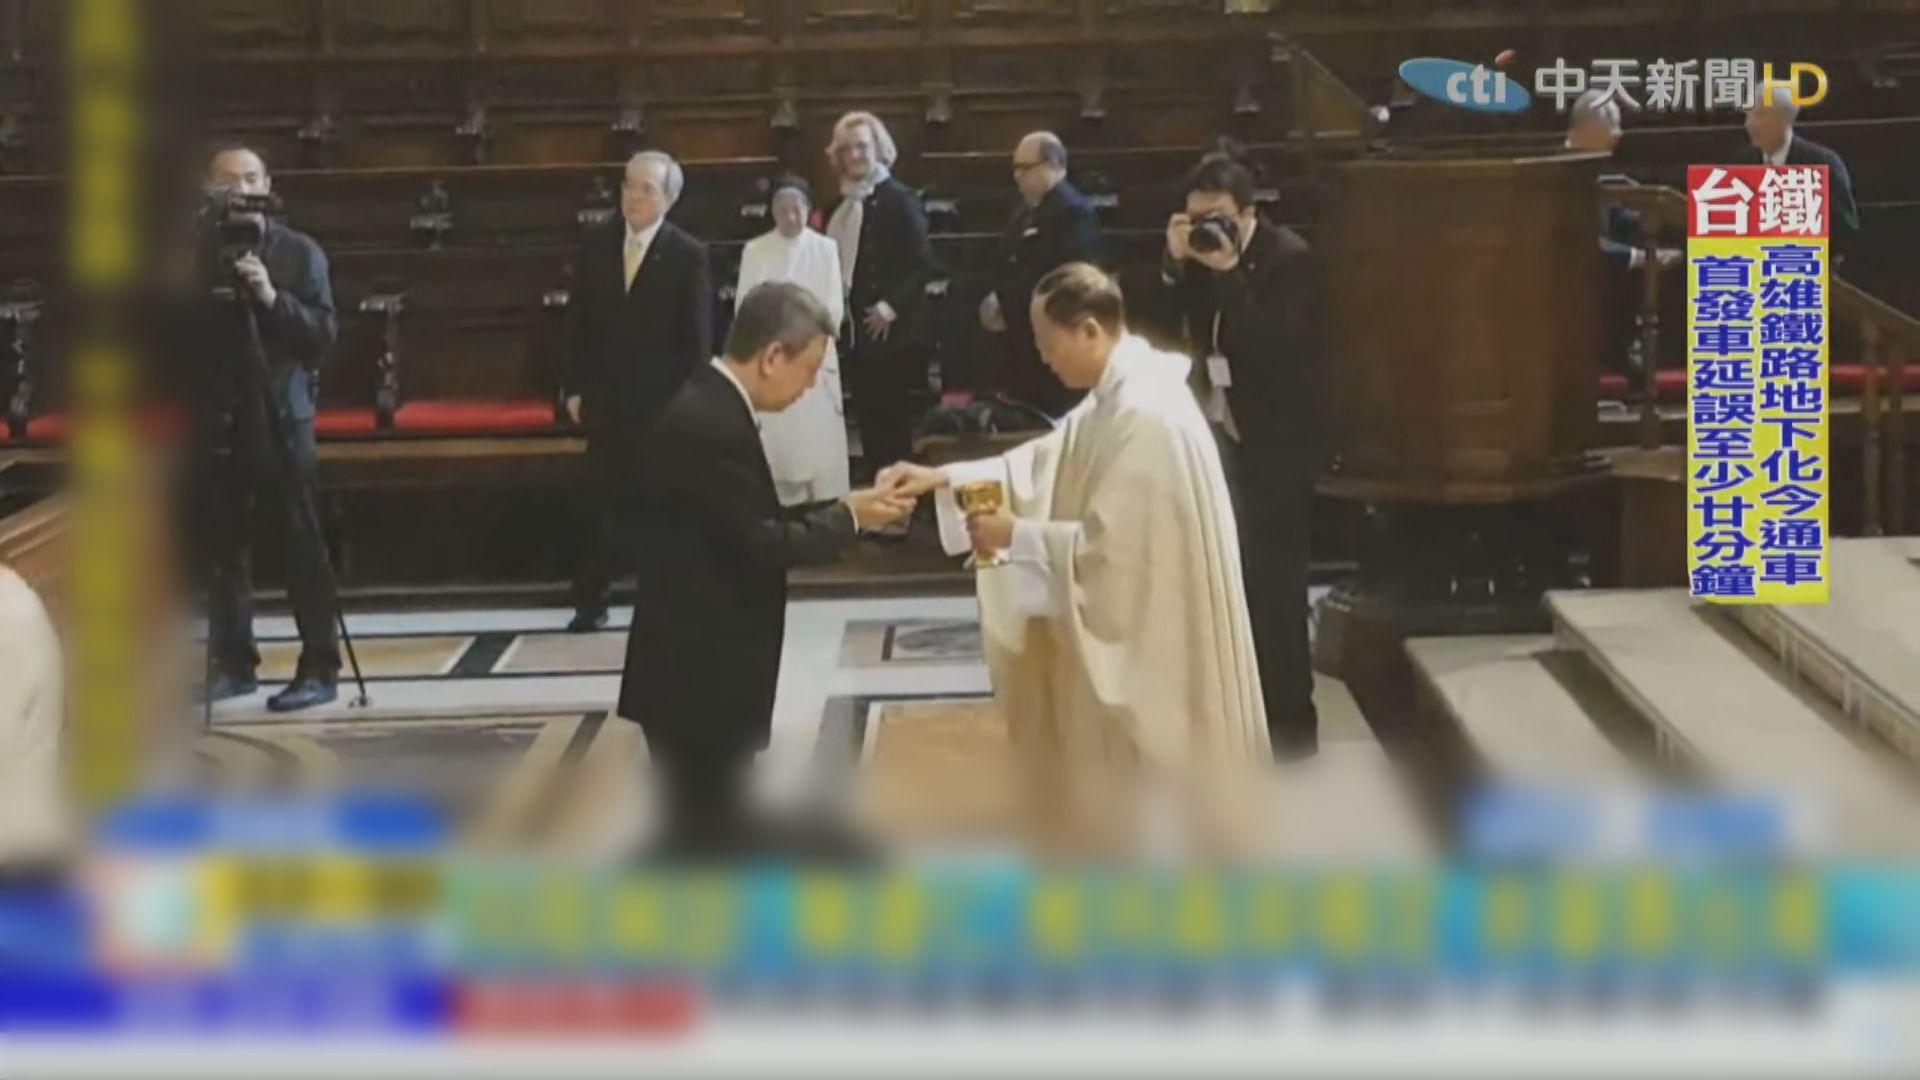 陳建仁將邀教宗訪問台灣